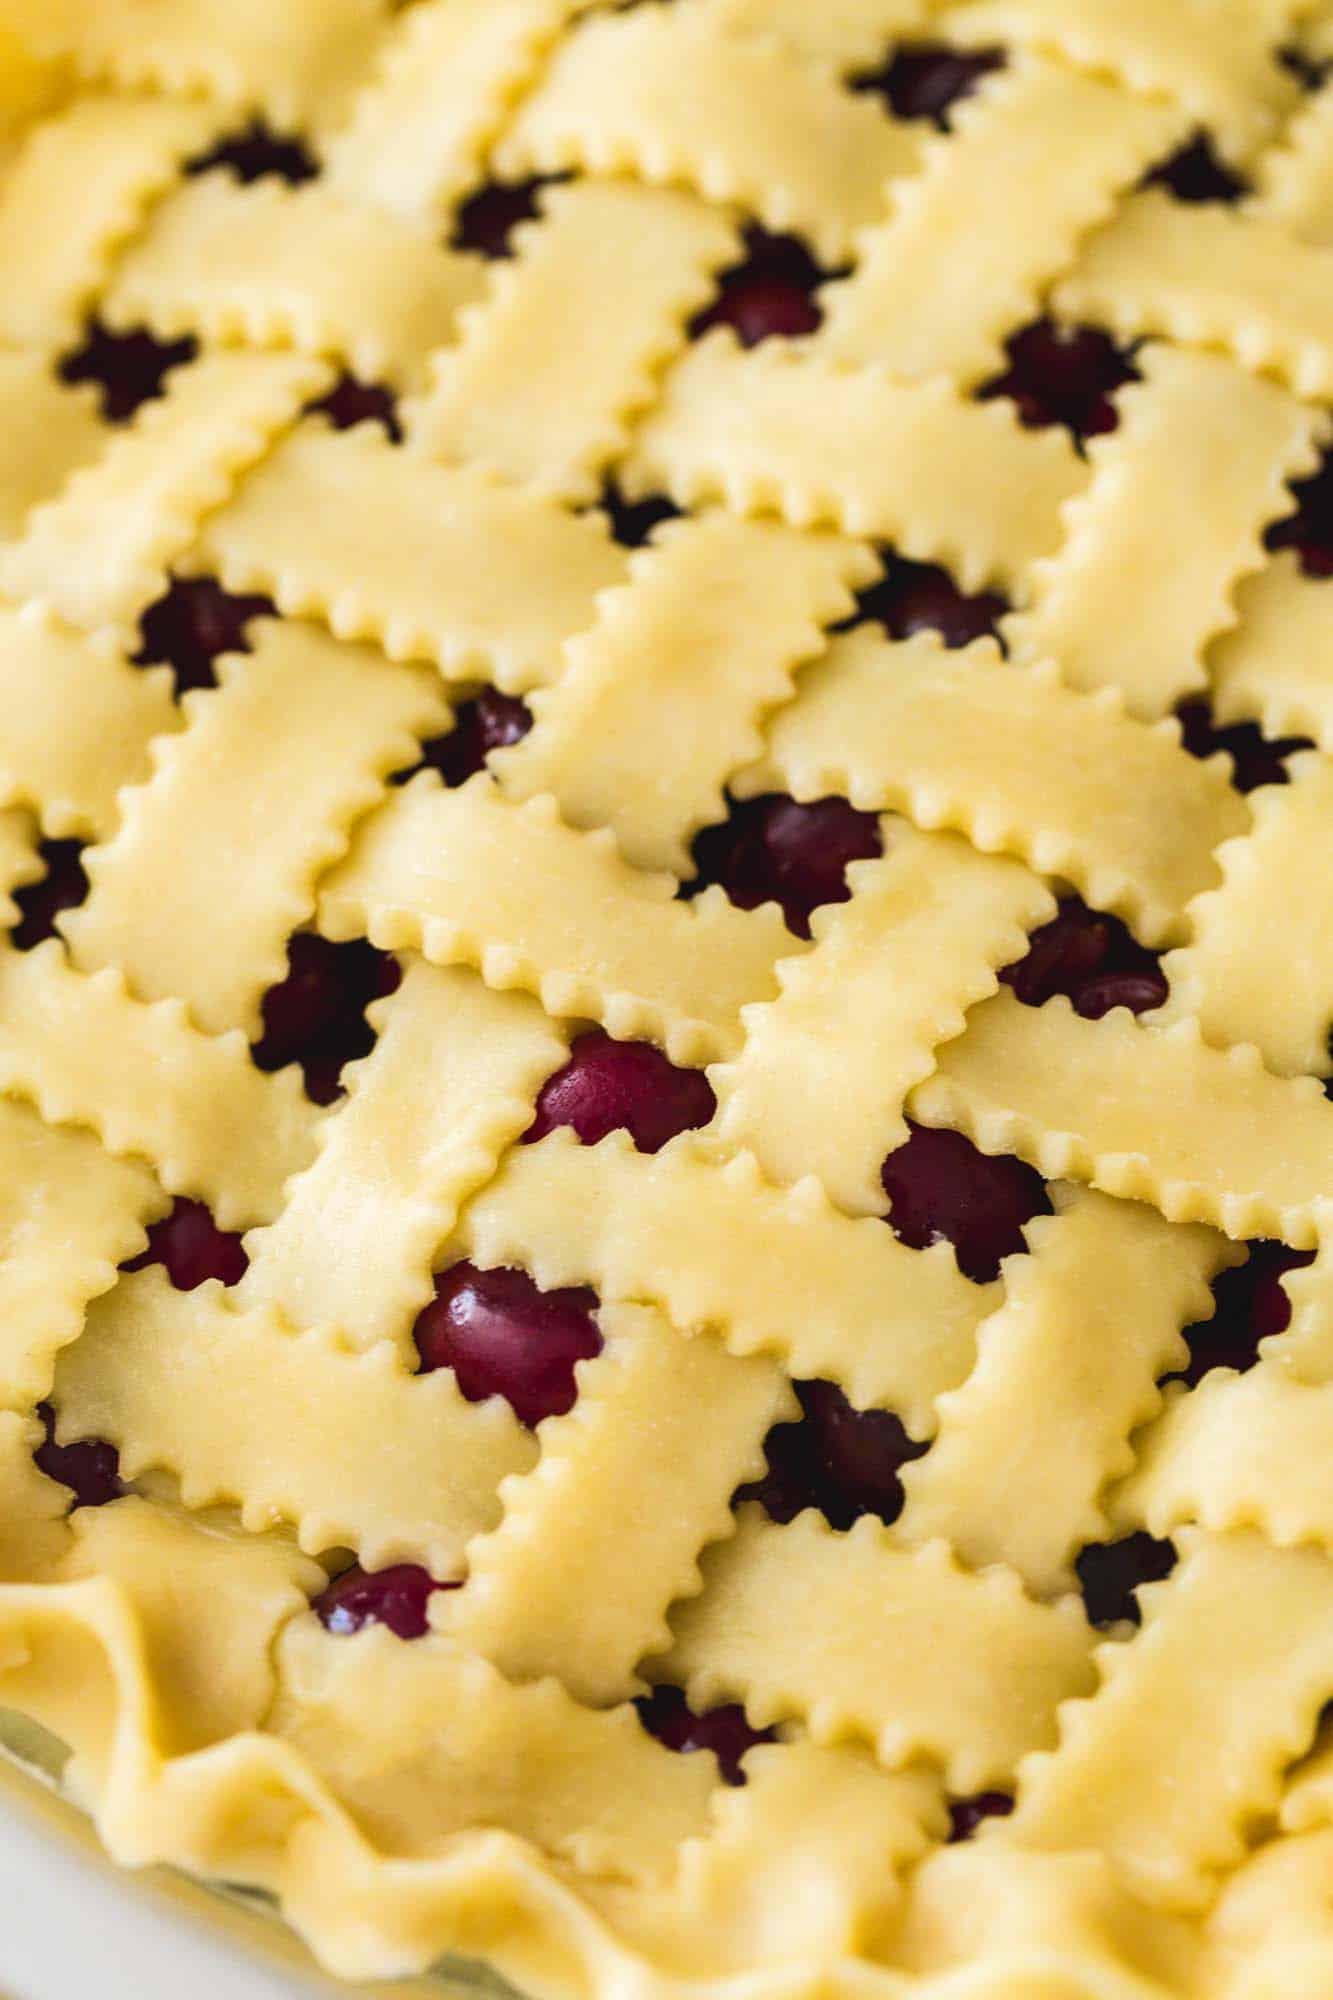 Lattice top on an unbaked pie